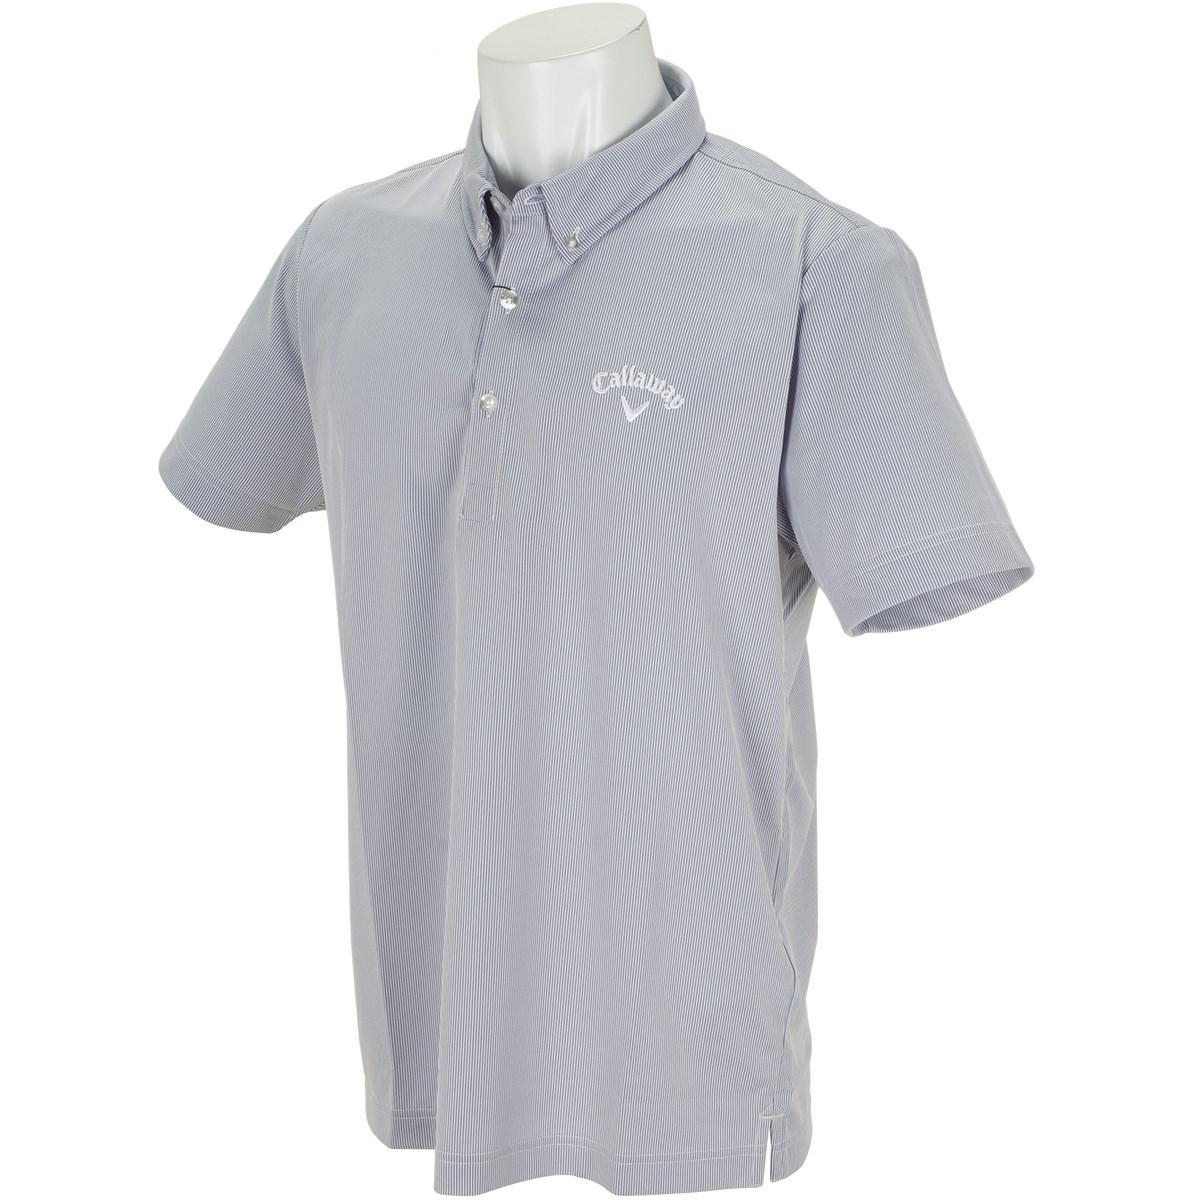 キャロウェイゴルフ Callaway Golf ボタンダウン コードレーン カラー半袖ポロシャツ M ブルー 110